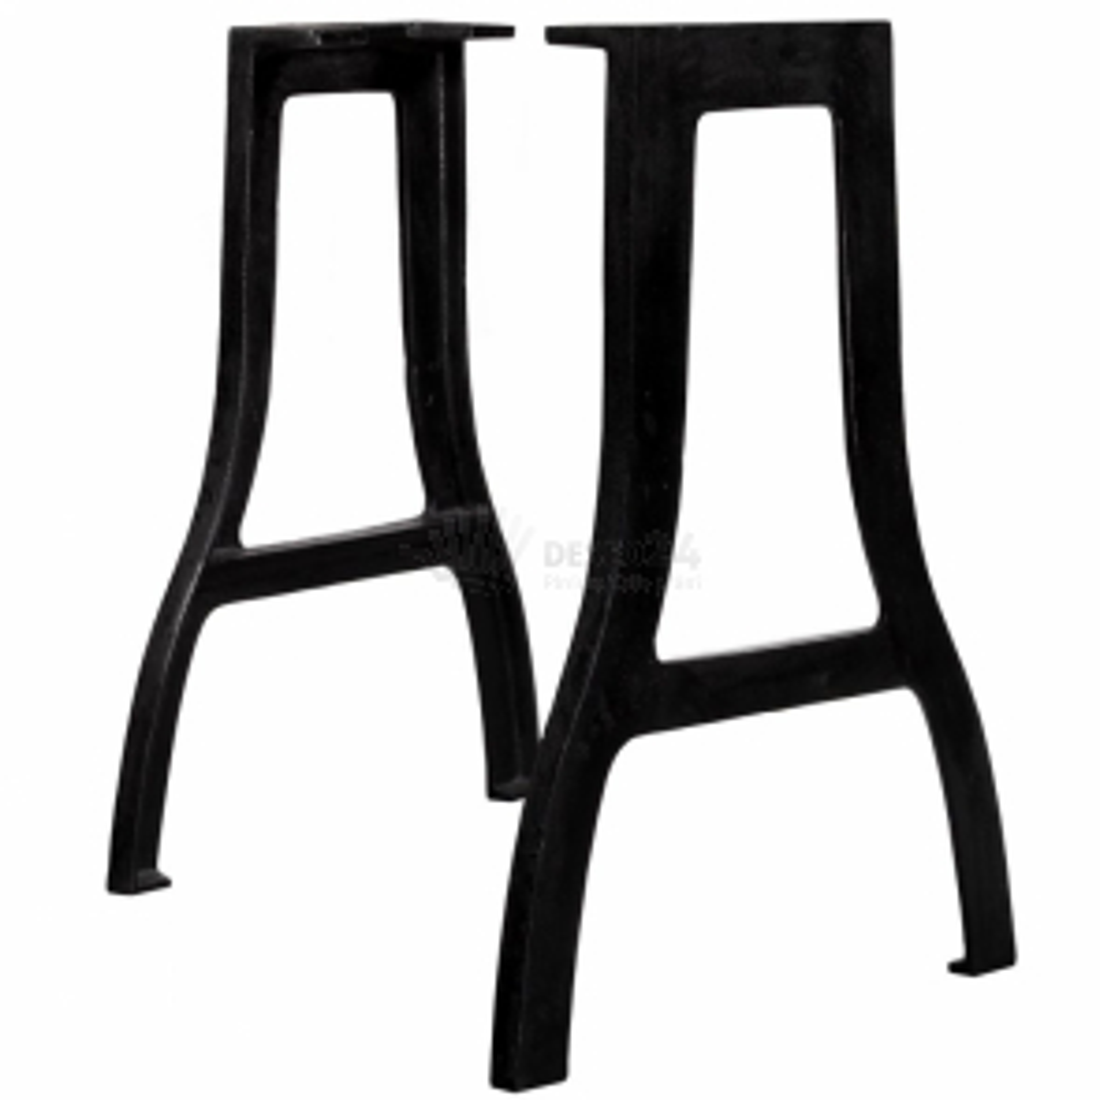 vidaXL Nohy k jídelnímu stolu 2 ks rám do A litinové [245420]